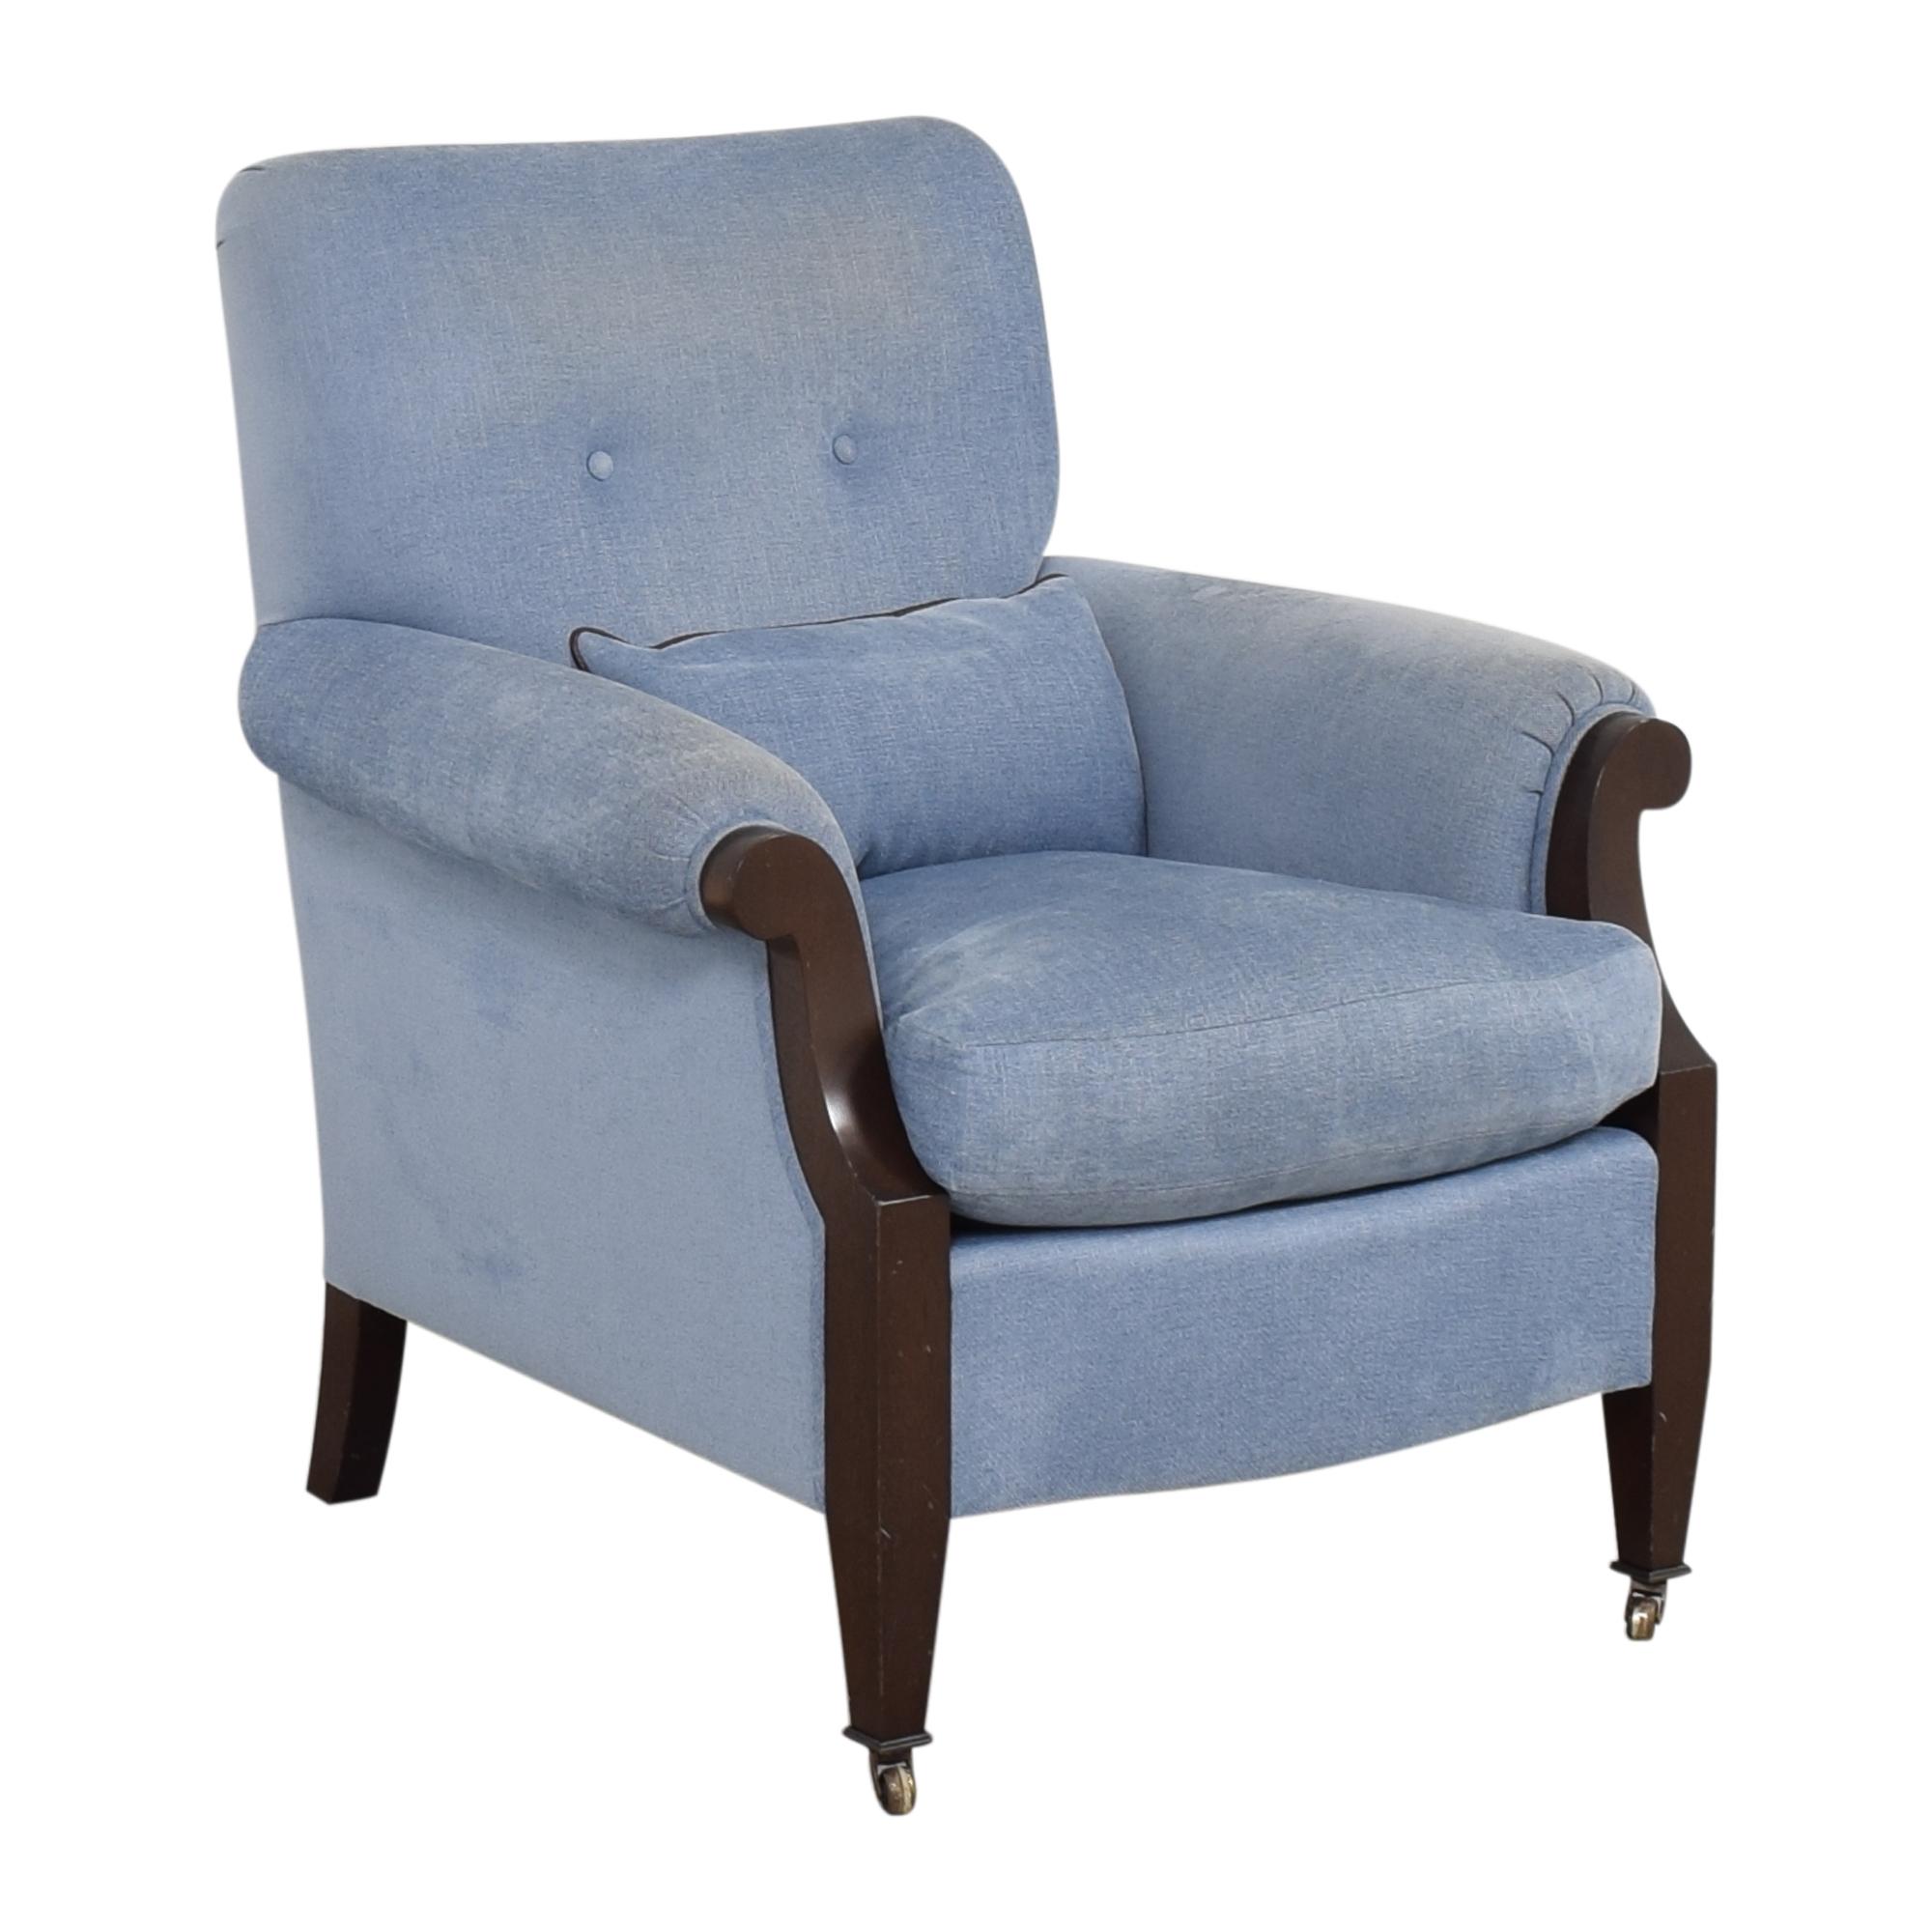 Aero Club Chair by Thomas O'Brien Aero